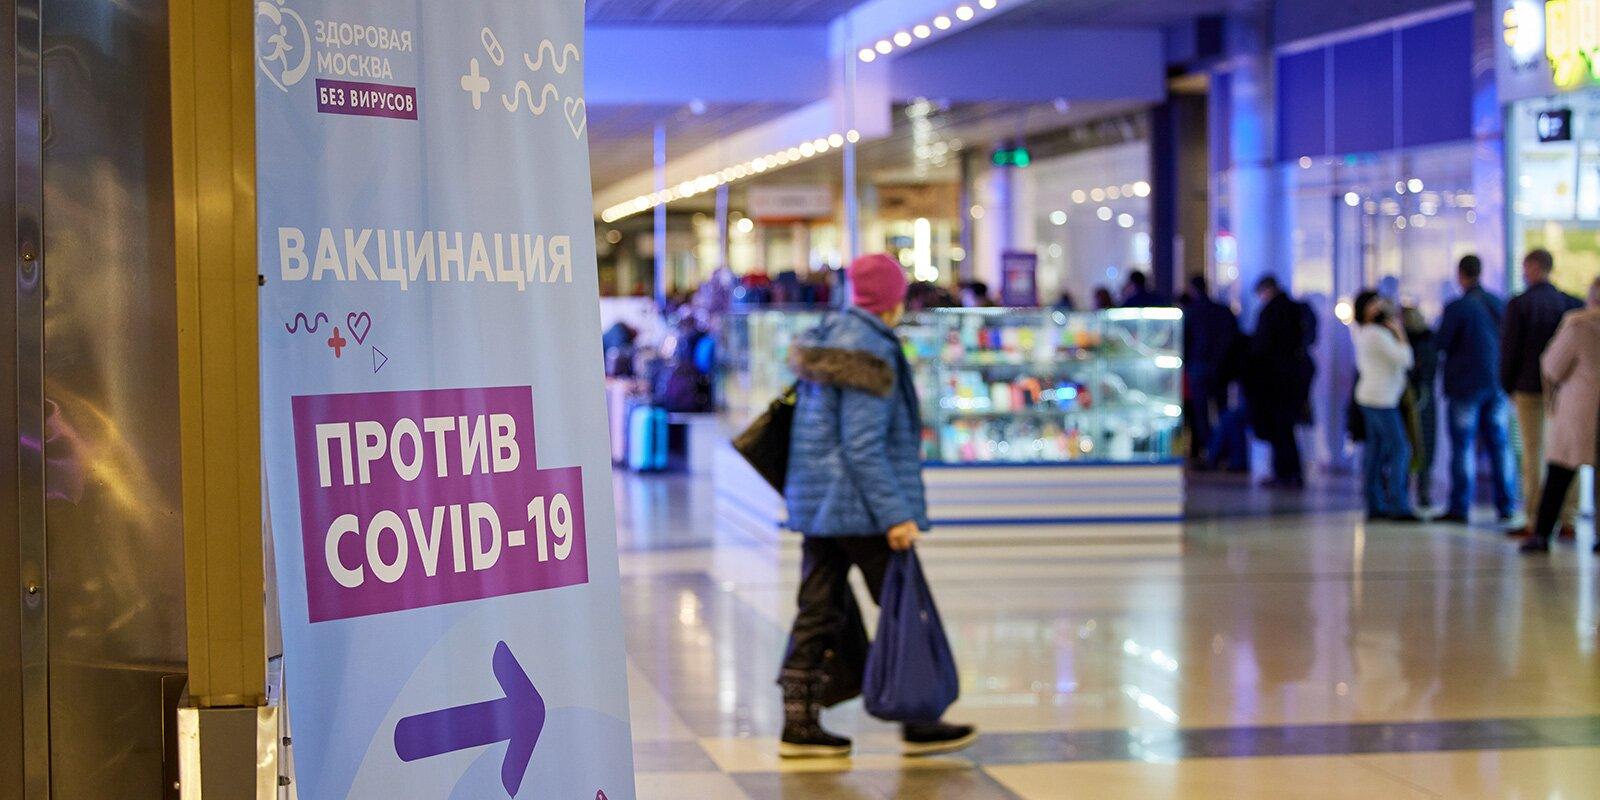 1500 волонтеров и 10 тысяч часов помощи: как проходит акция Помощники вакцинации в Москве